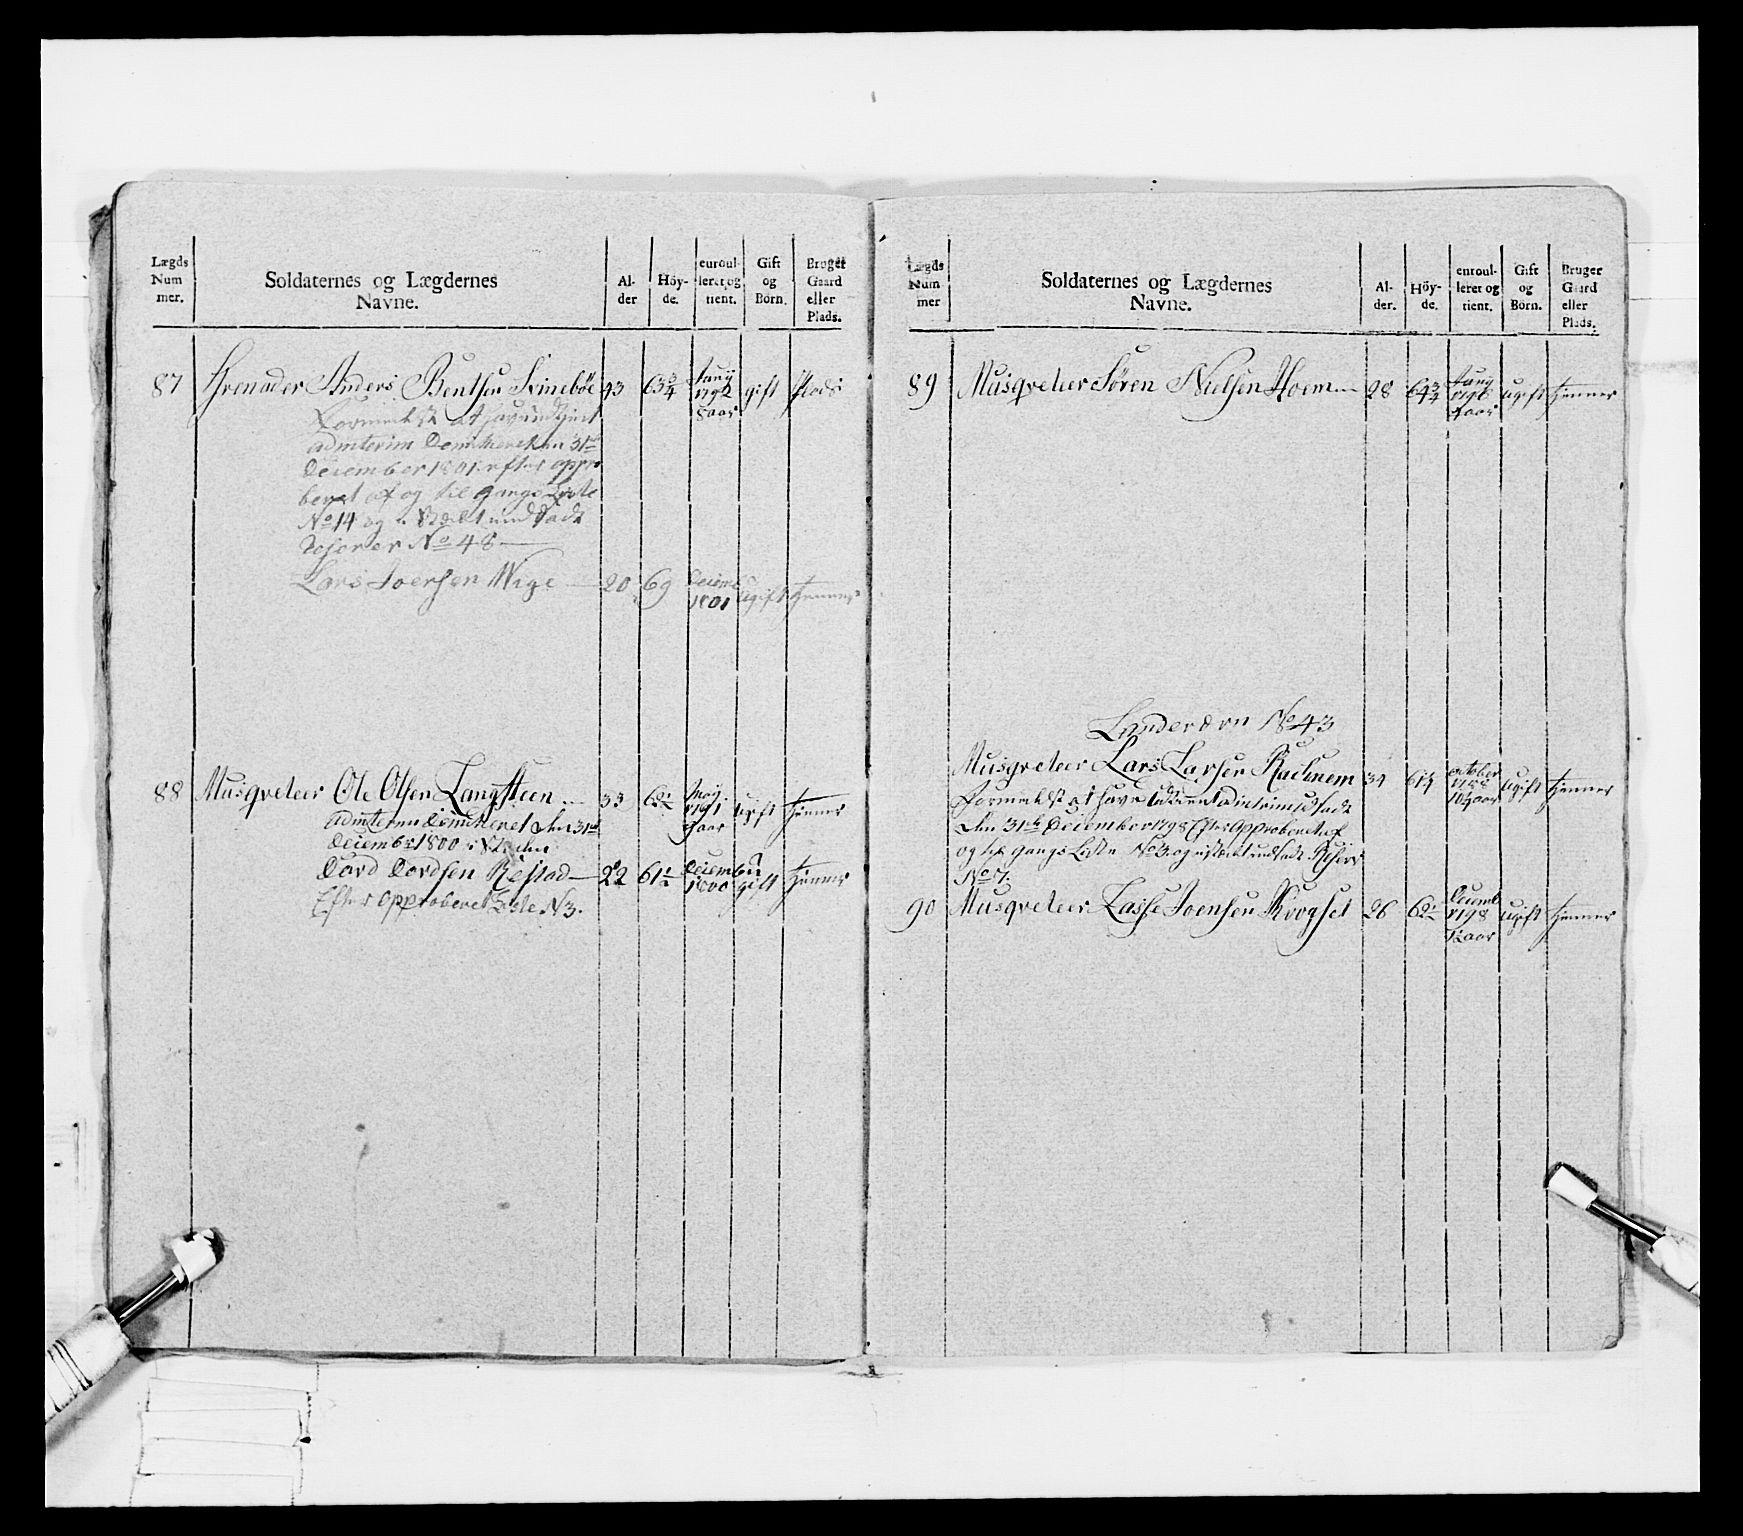 RA, Generalitets- og kommissariatskollegiet, Det kongelige norske kommissariatskollegium, E/Eh/L0080: 2. Trondheimske nasjonale infanteriregiment, 1792-1800, s. 122